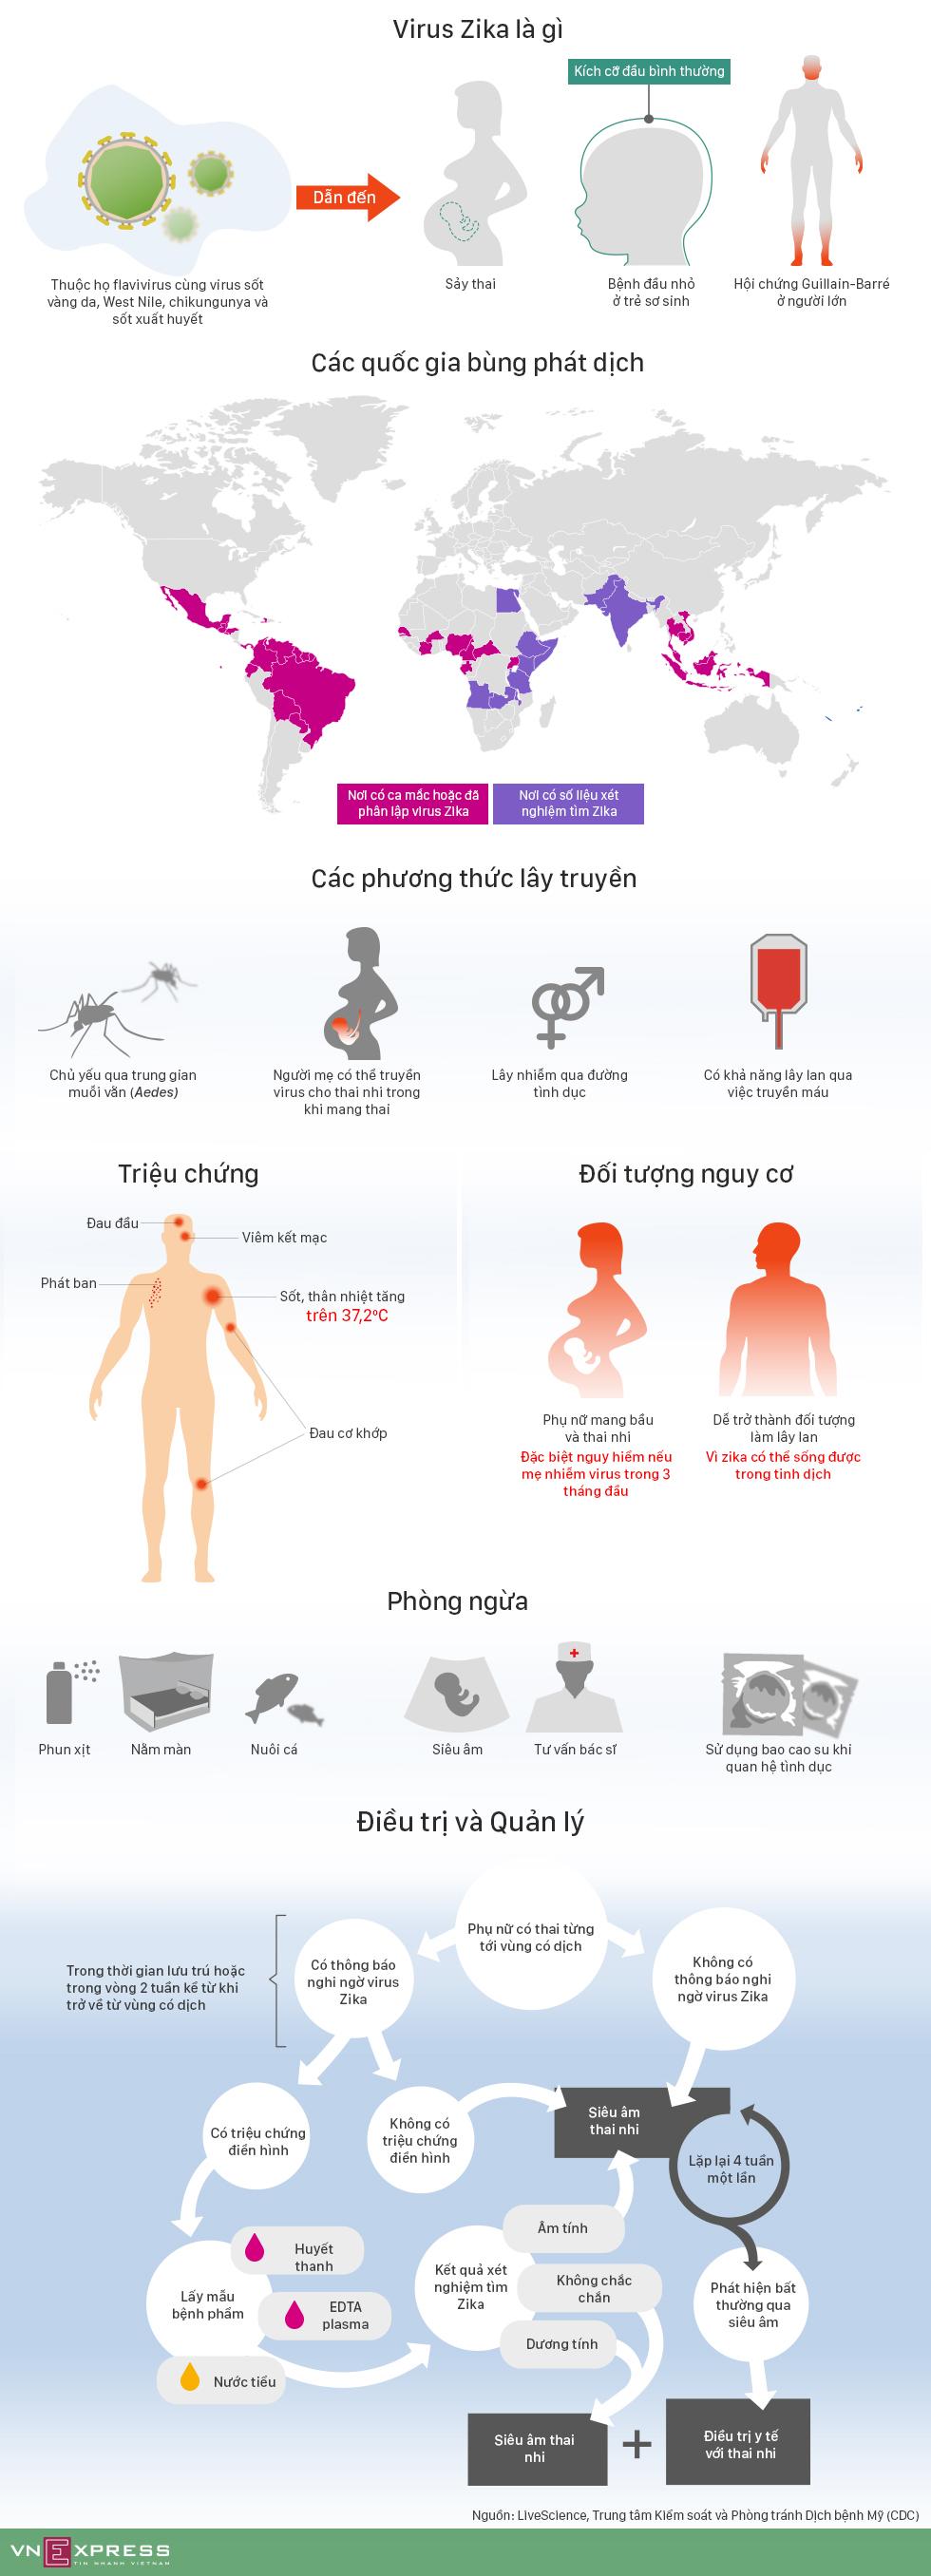 Virus Zika nguy hiểm như thế nào